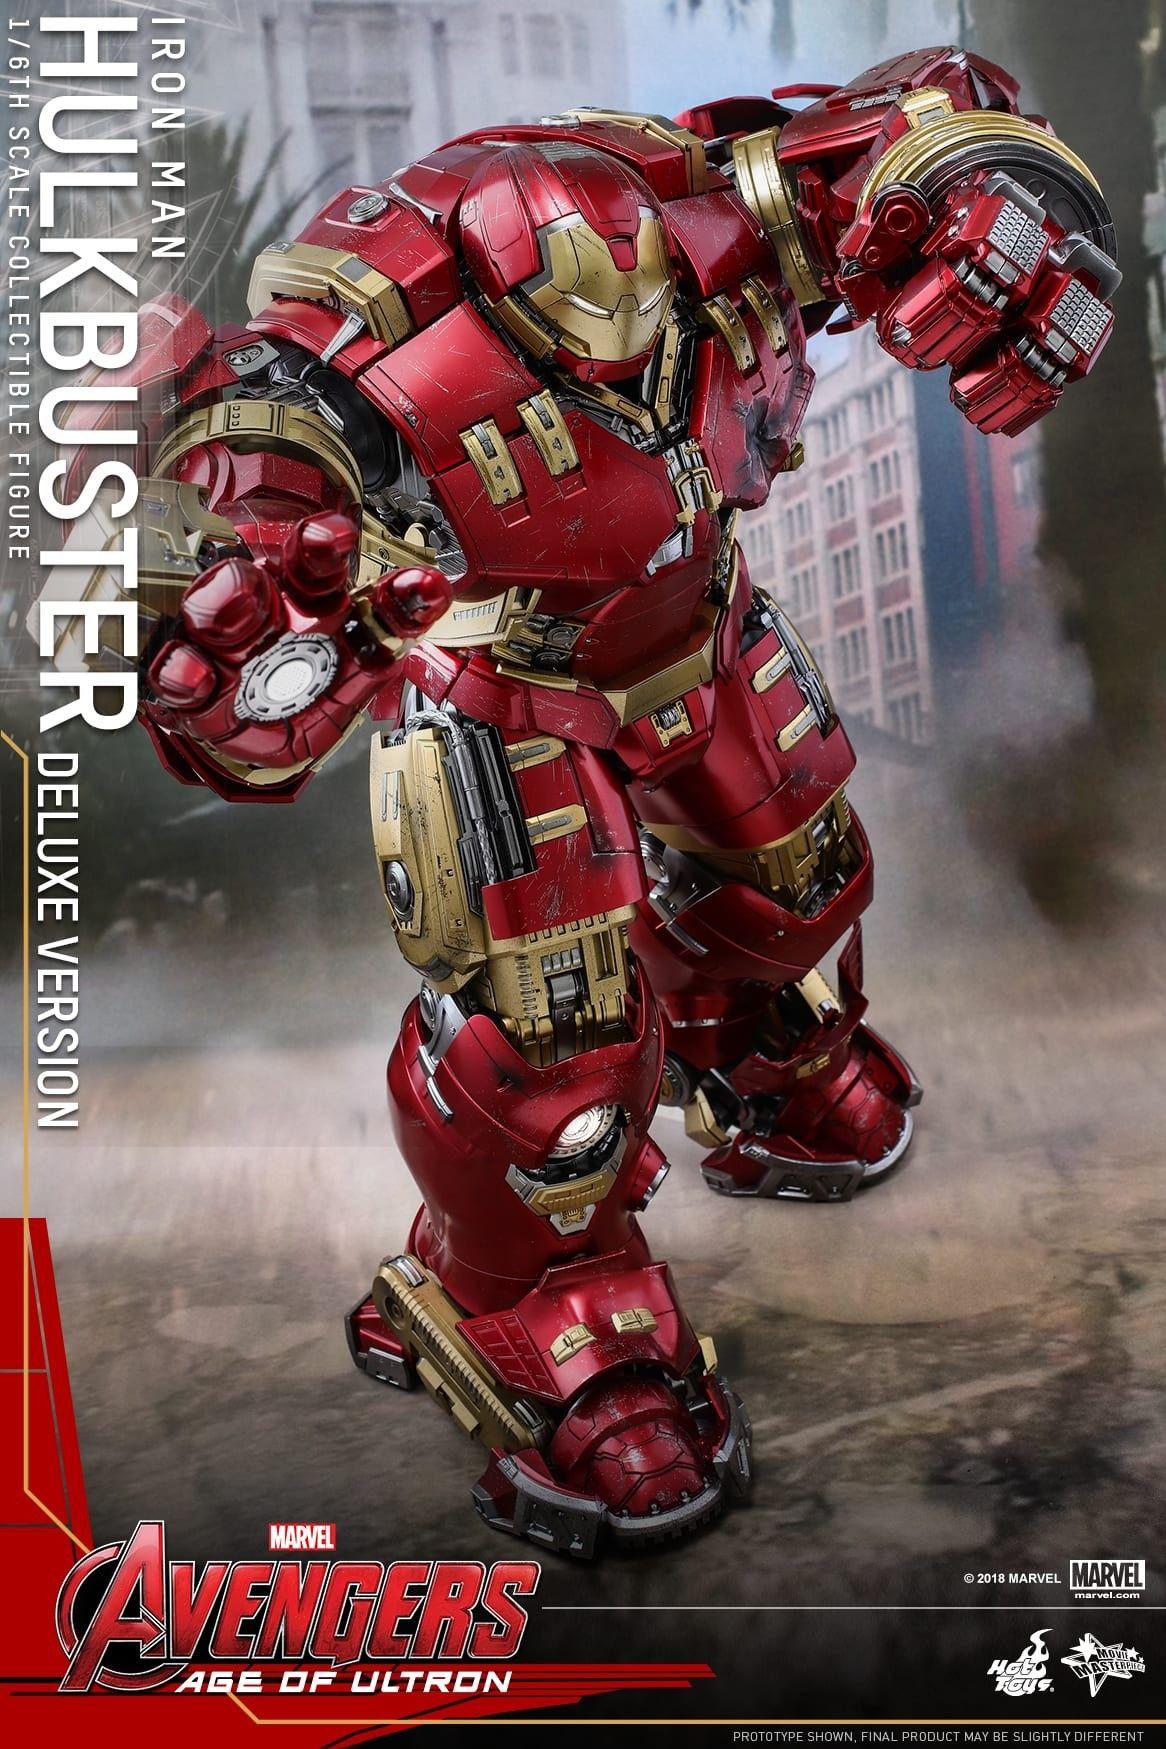 Hulk Buster Toys Marvel Ironman Marvel Hulkbuster Hulk 4k Hd